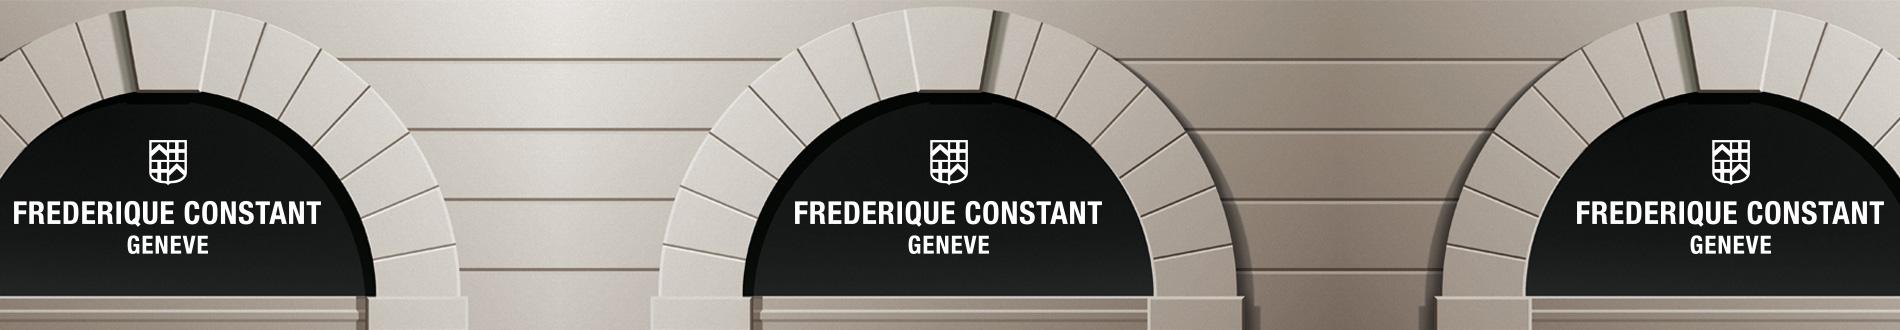 Frederique Constant